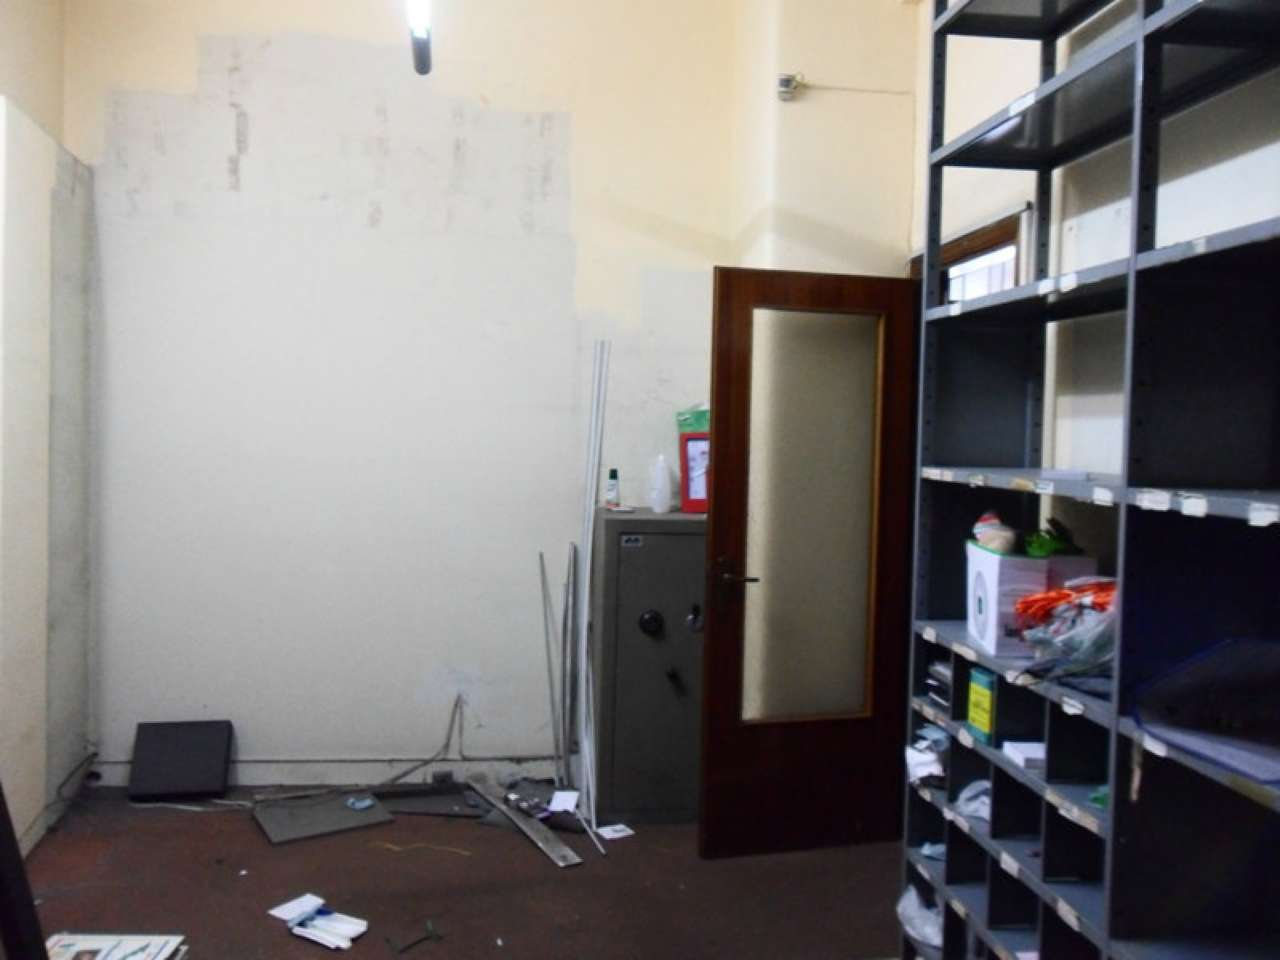 Negozio / Locale in affitto a Catania, 9999 locali, prezzo € 1.500 | CambioCasa.it